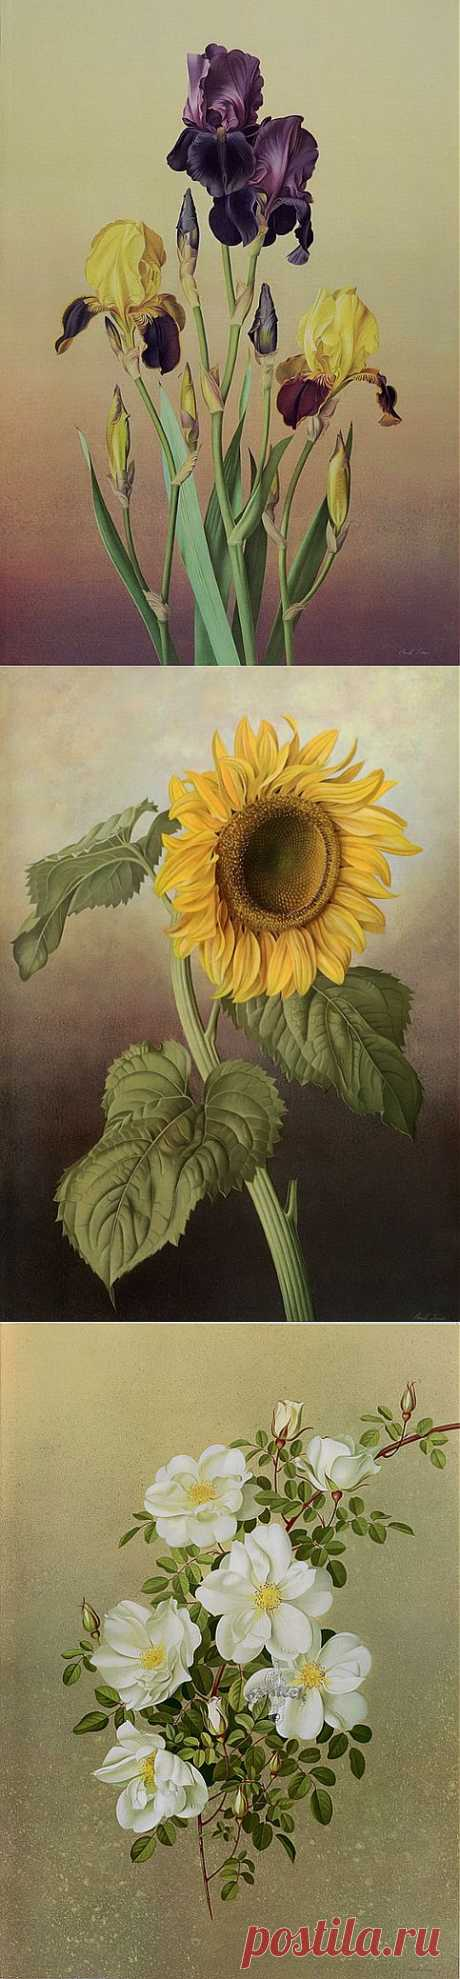 Акварельные рисунки цветов от Paul Jones.